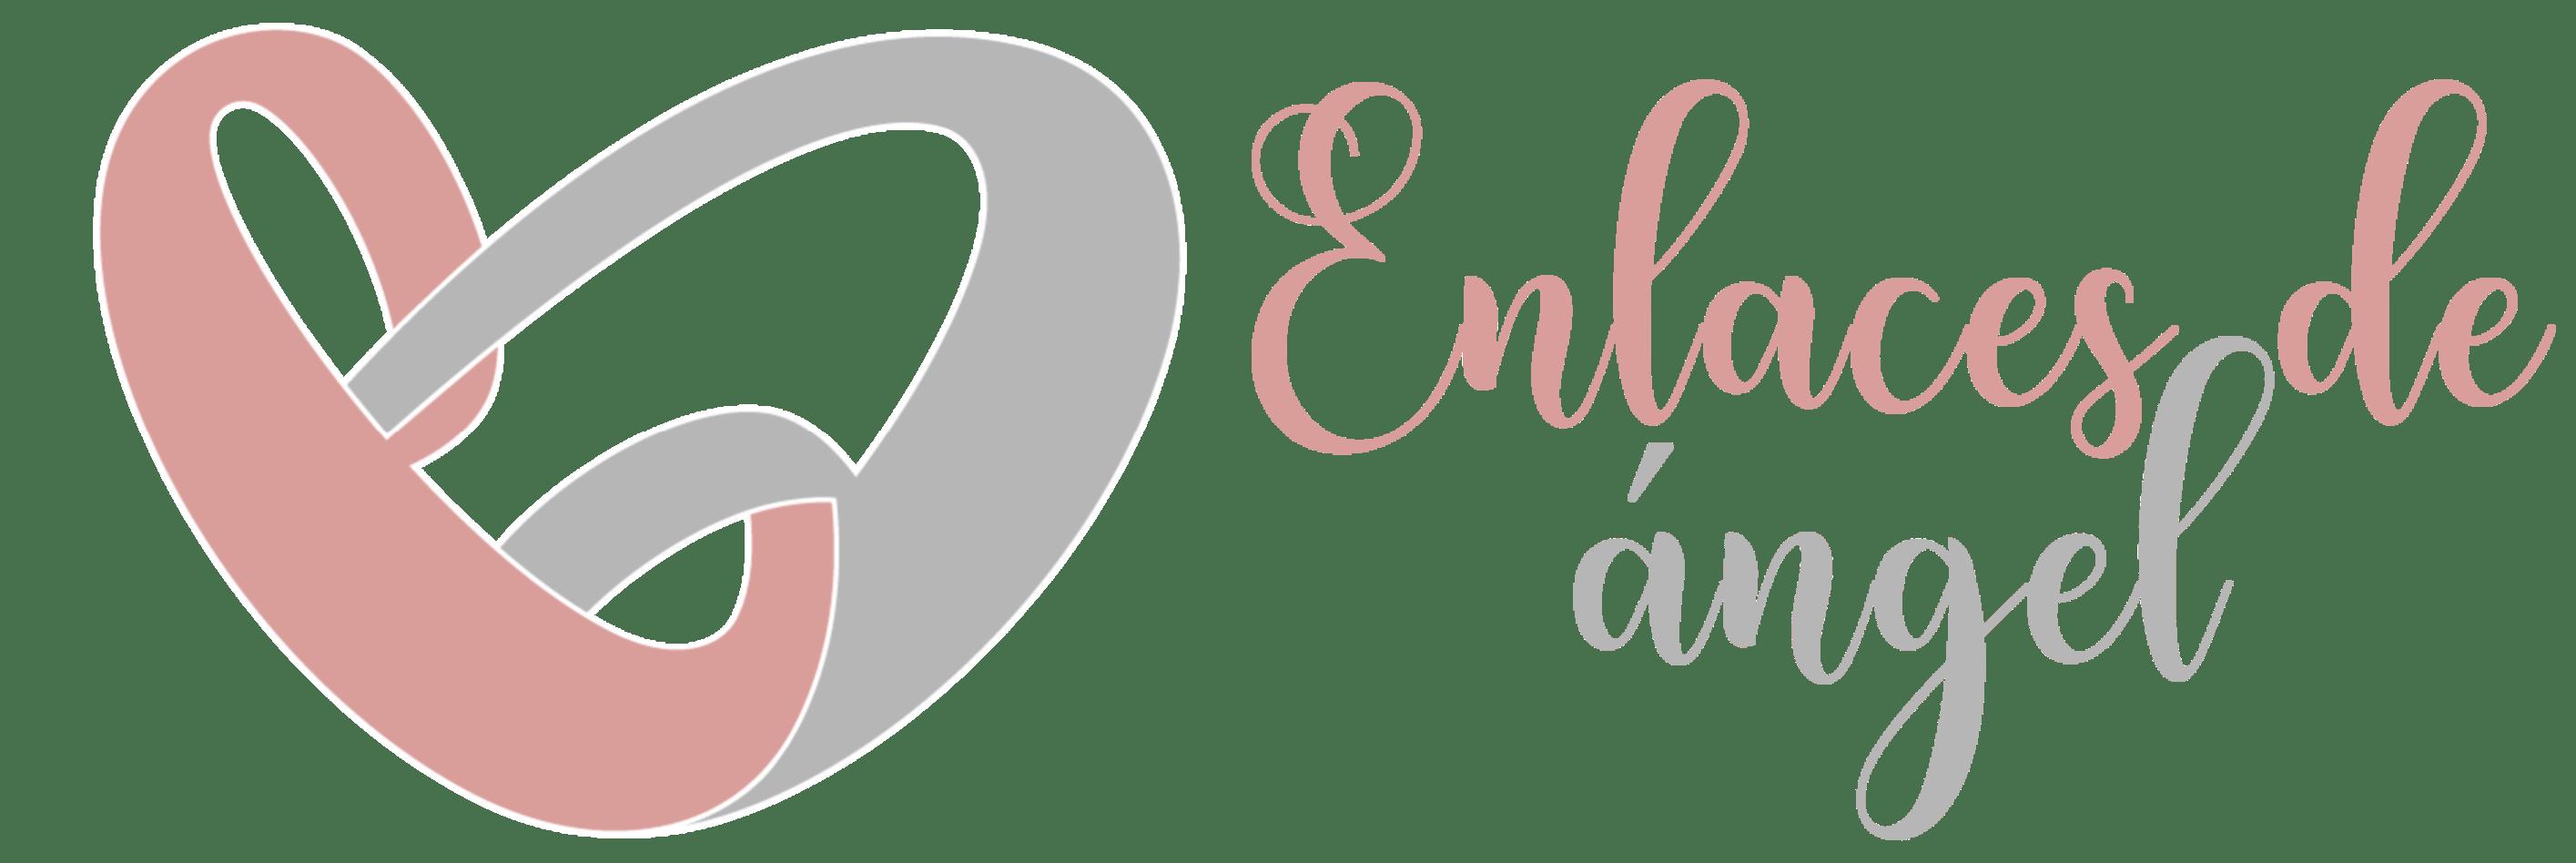 Logo Principal Enlaces de ángel